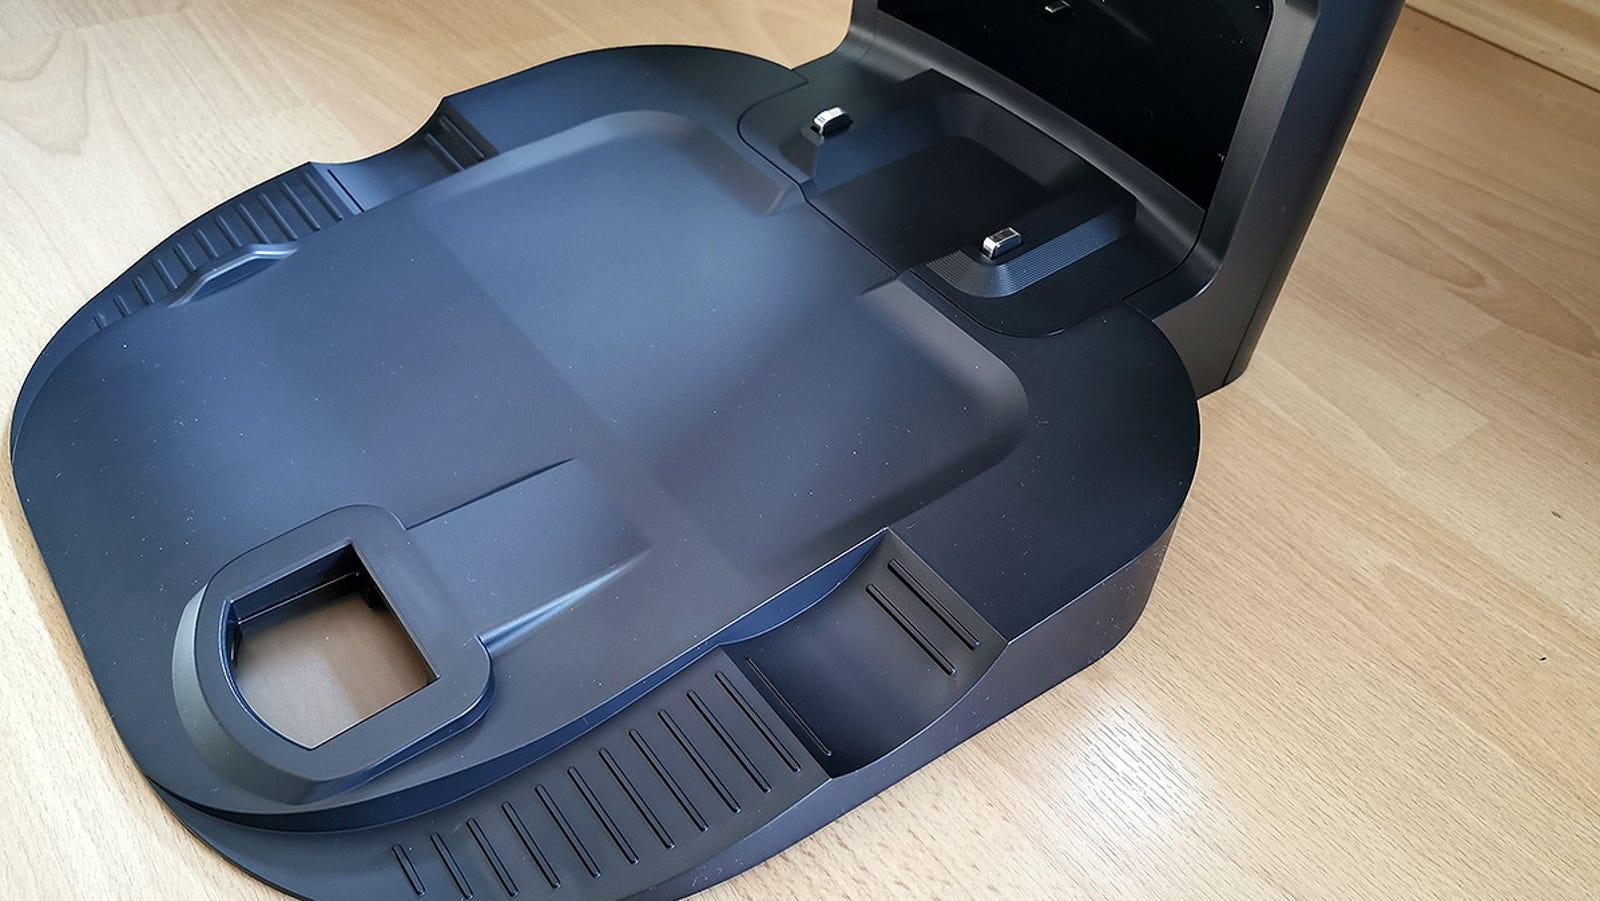 La parte inferior de la base de carga, con el agujero para el vaciado de depósito y los contactos de carga